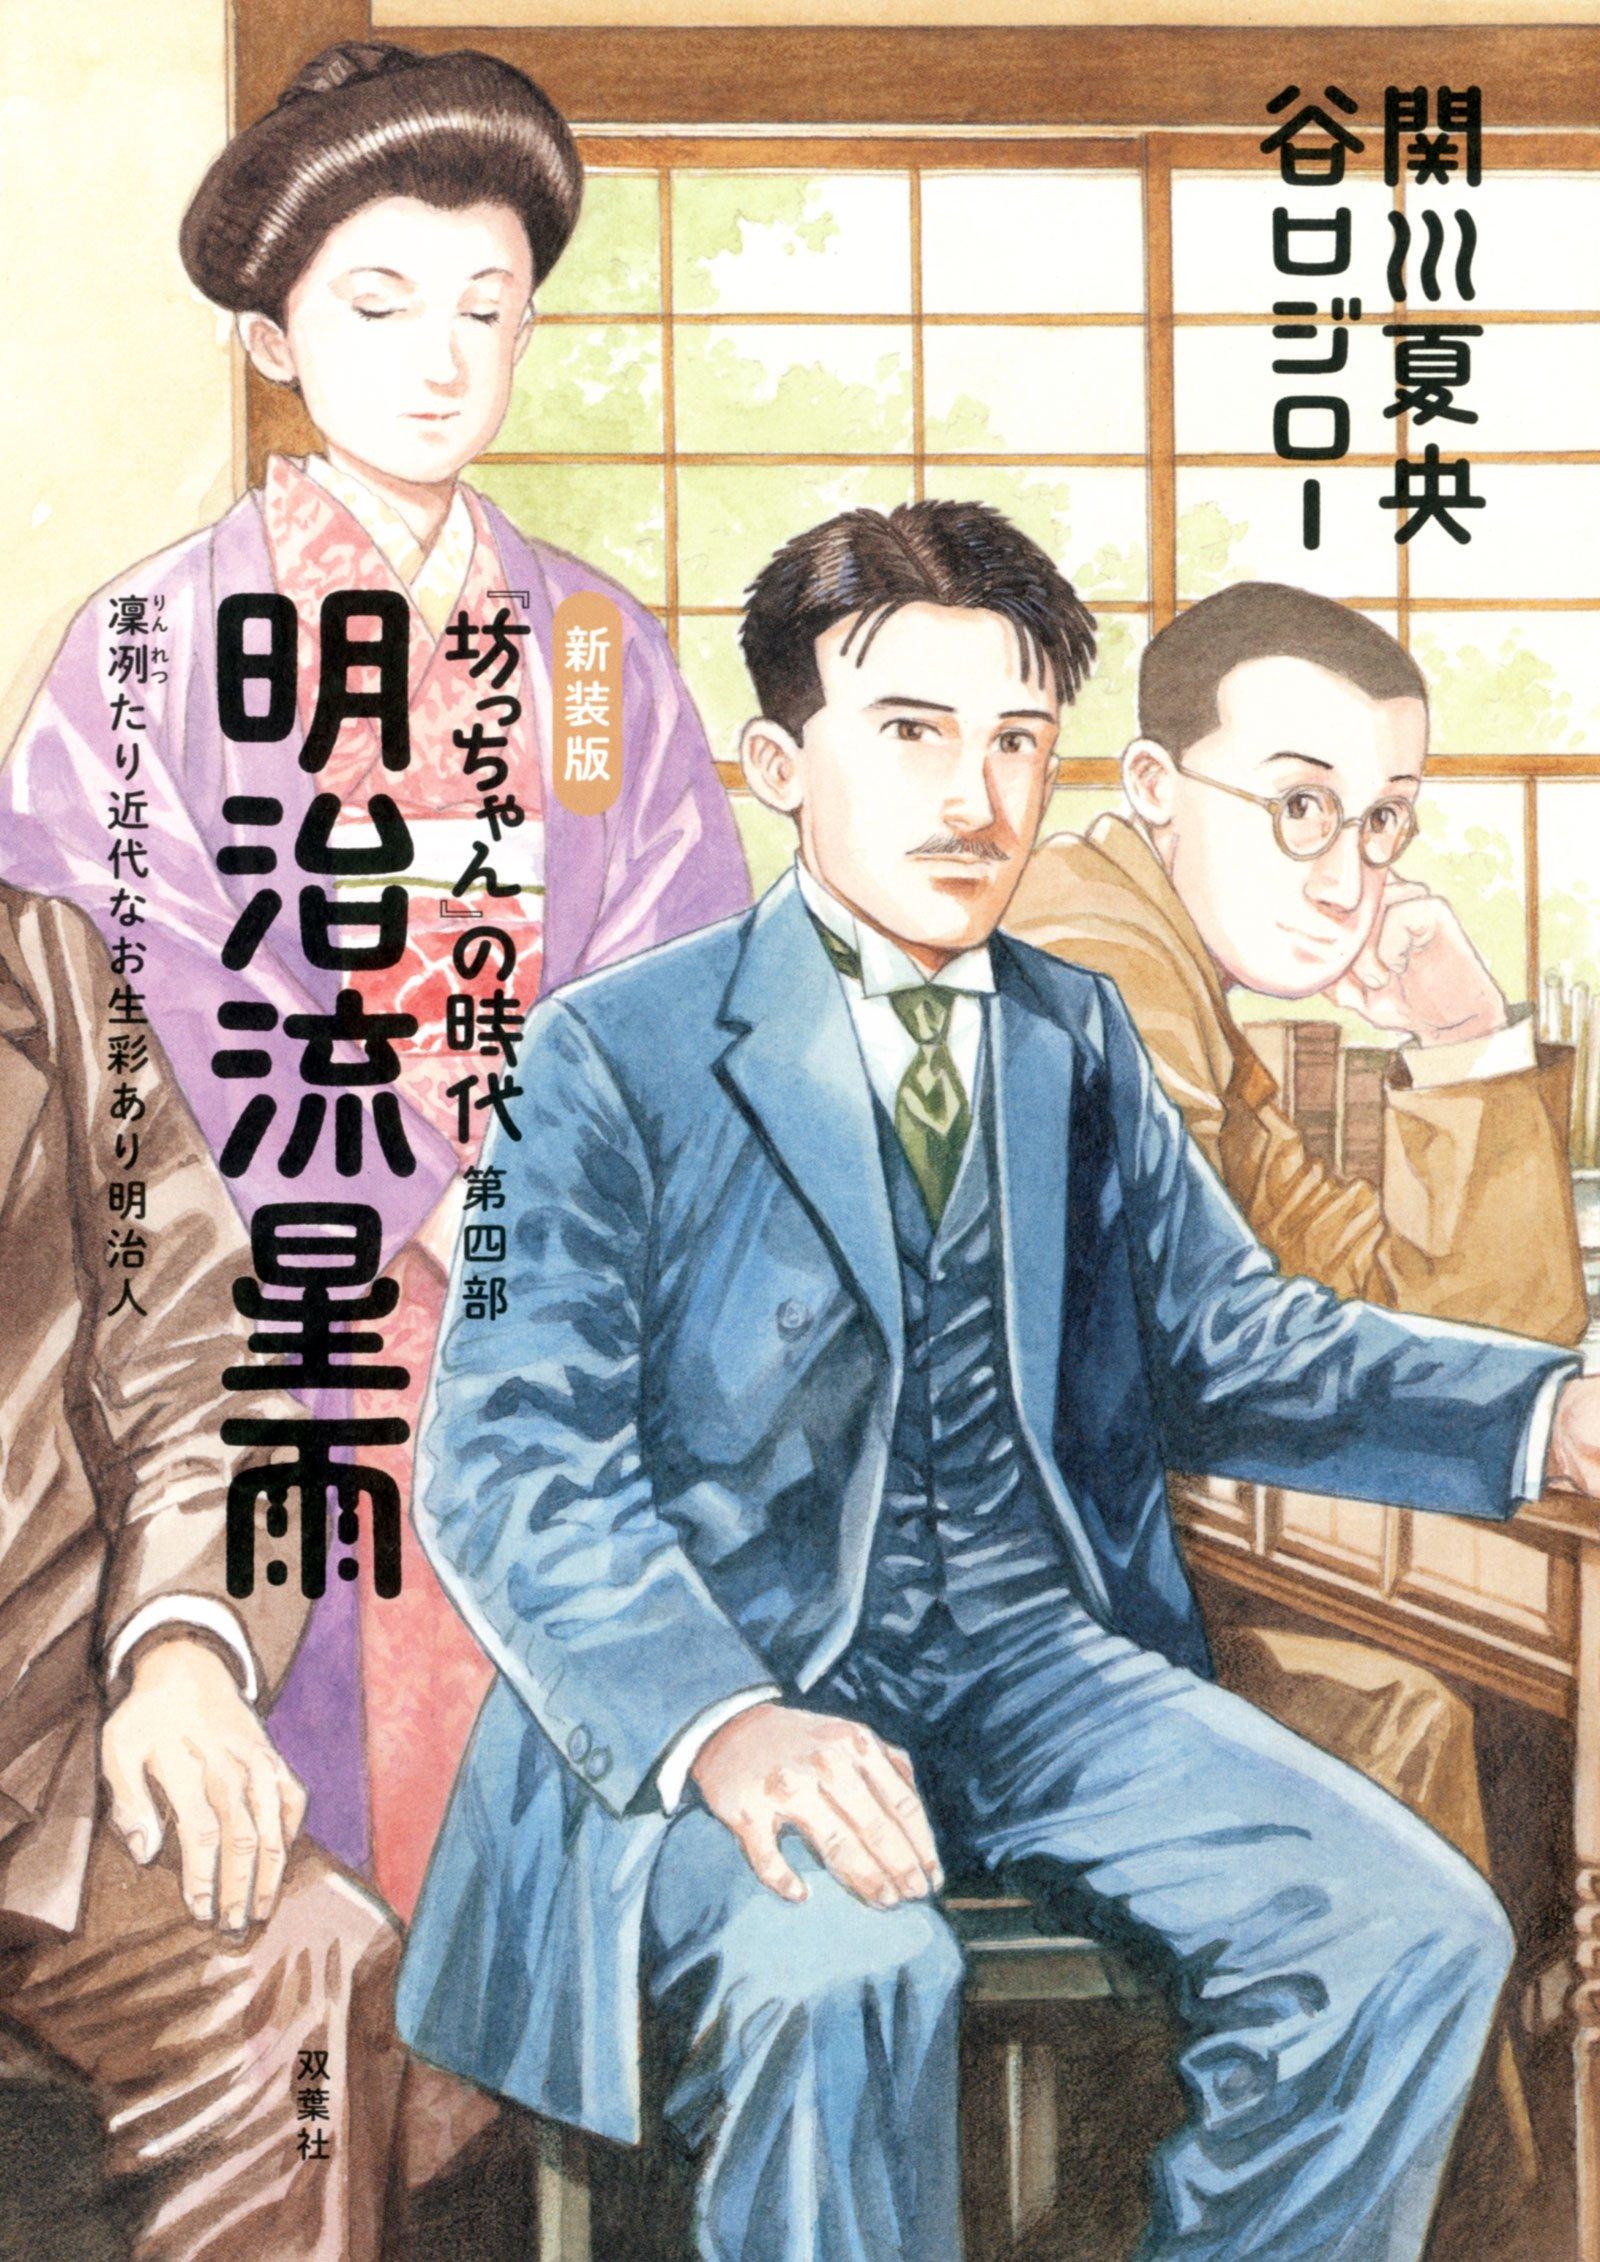 新装版 『坊っちゃん』の時代 4巻